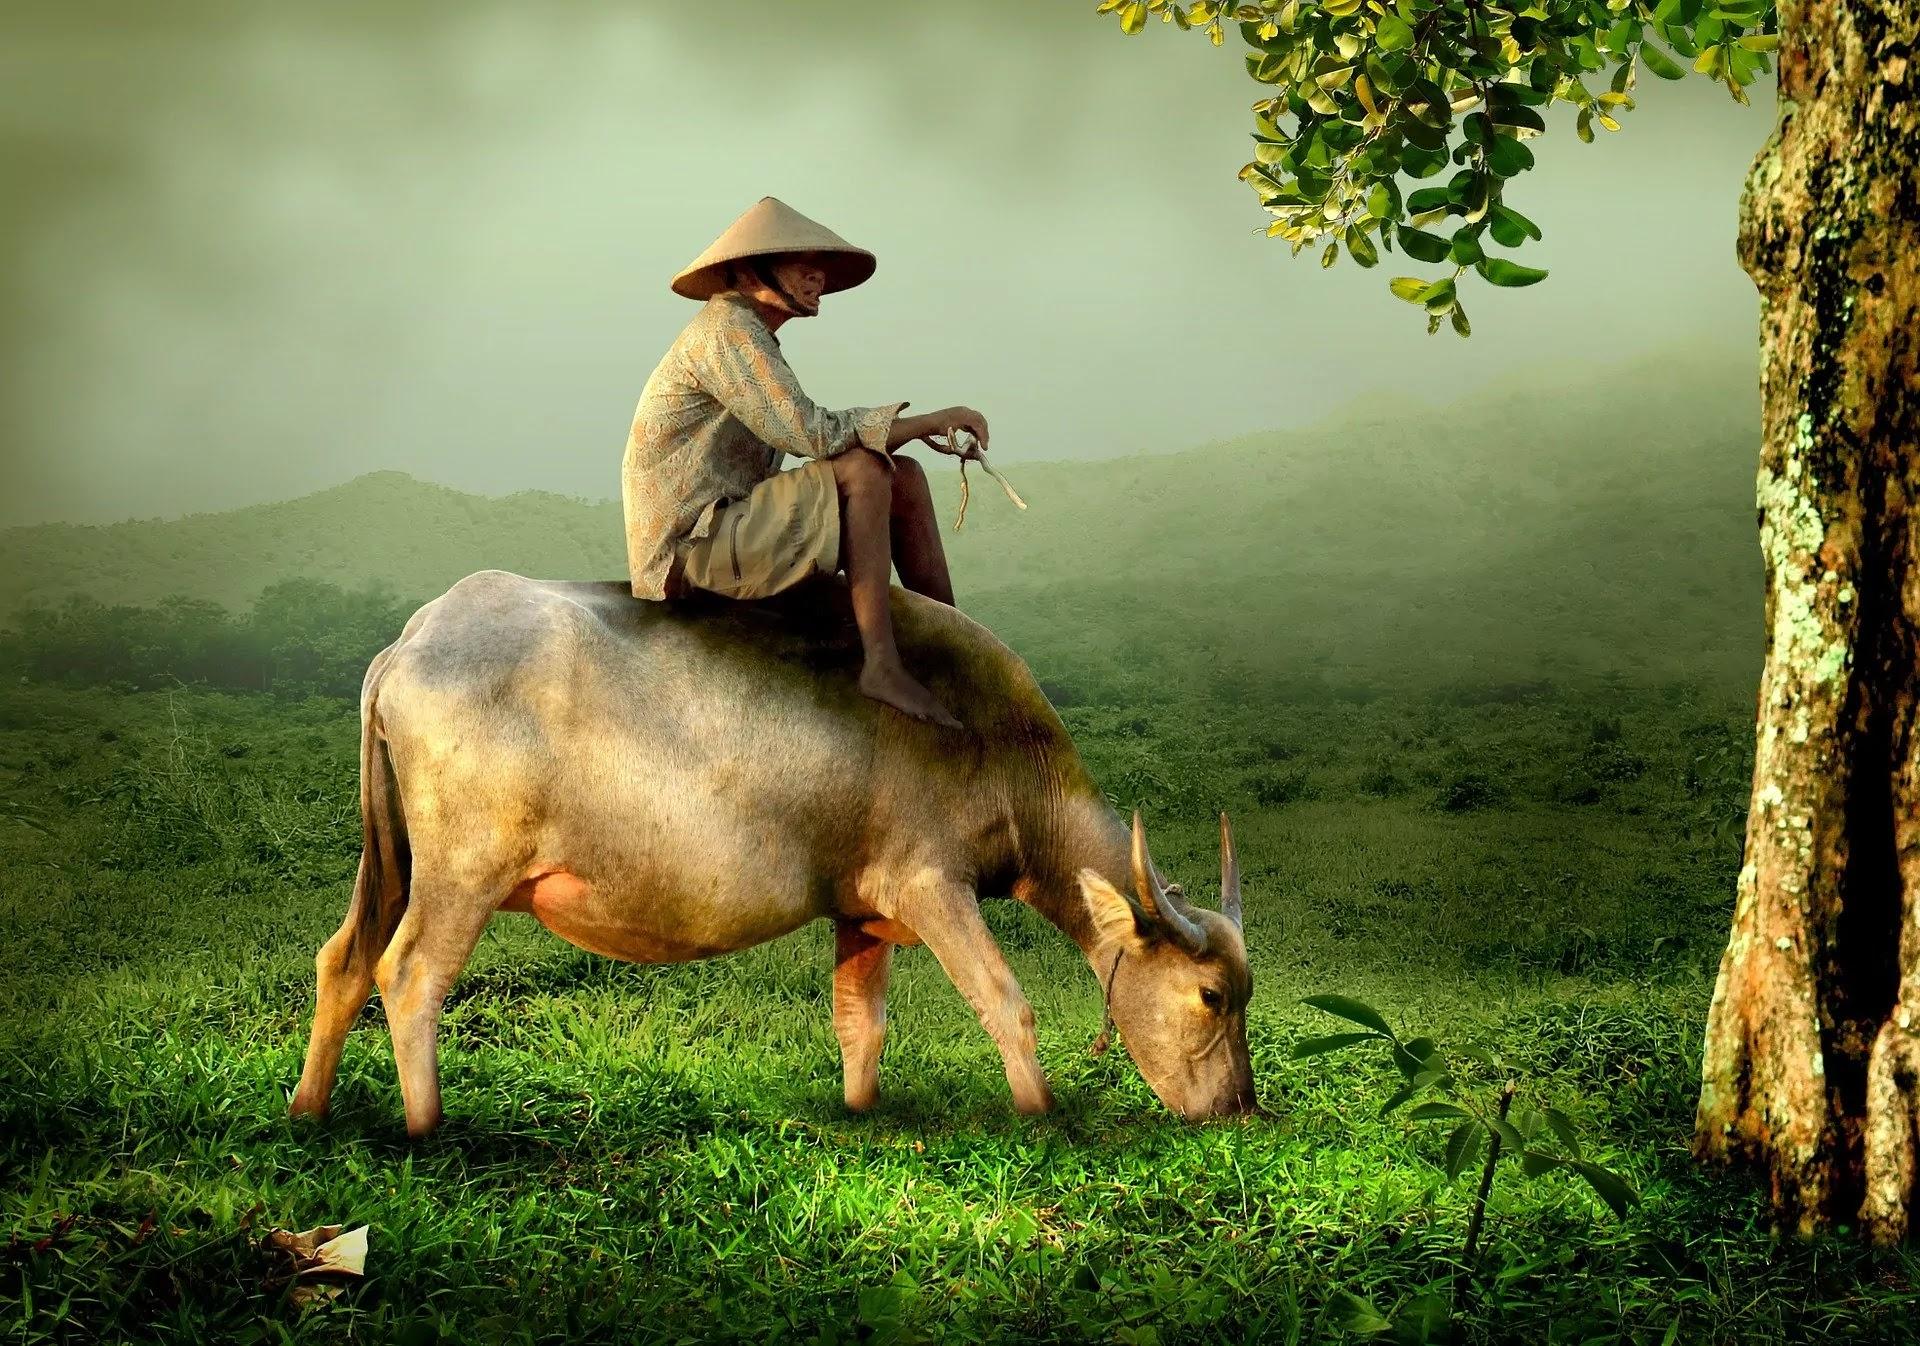 Hình ảnh người nông dân và con trâu